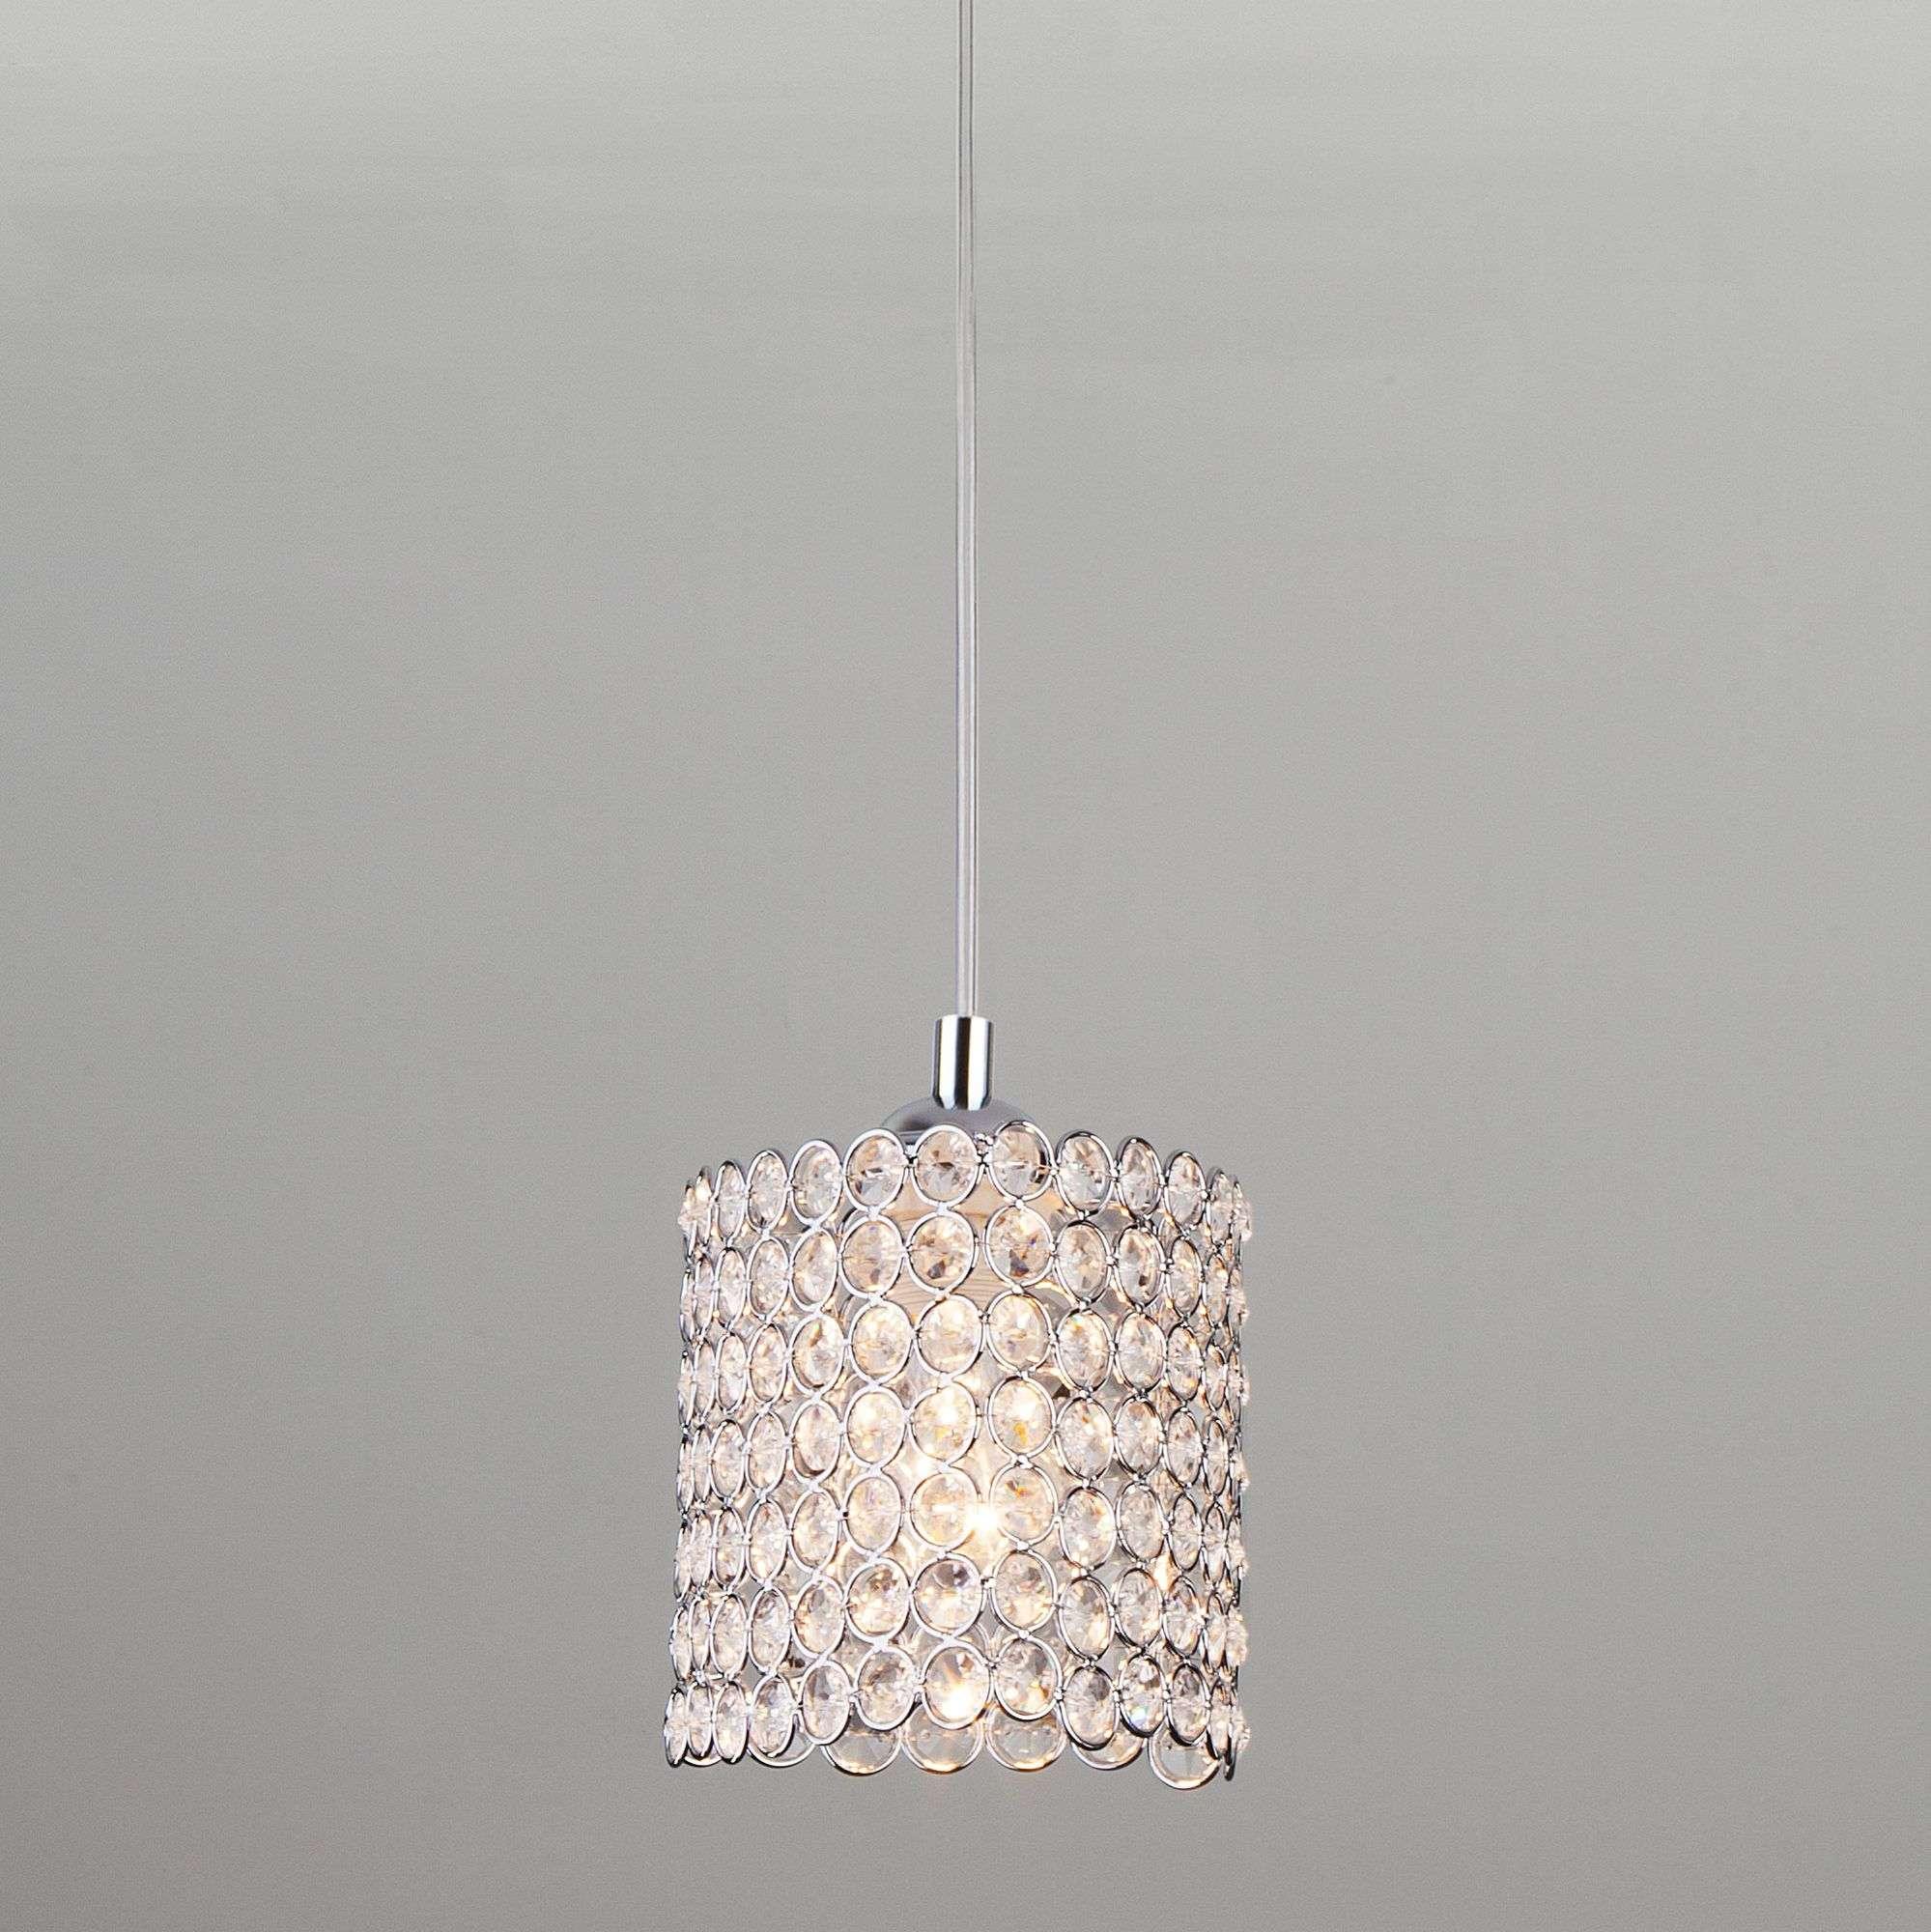 Светильник подвесной с хрустальным декором 50068/1 хром